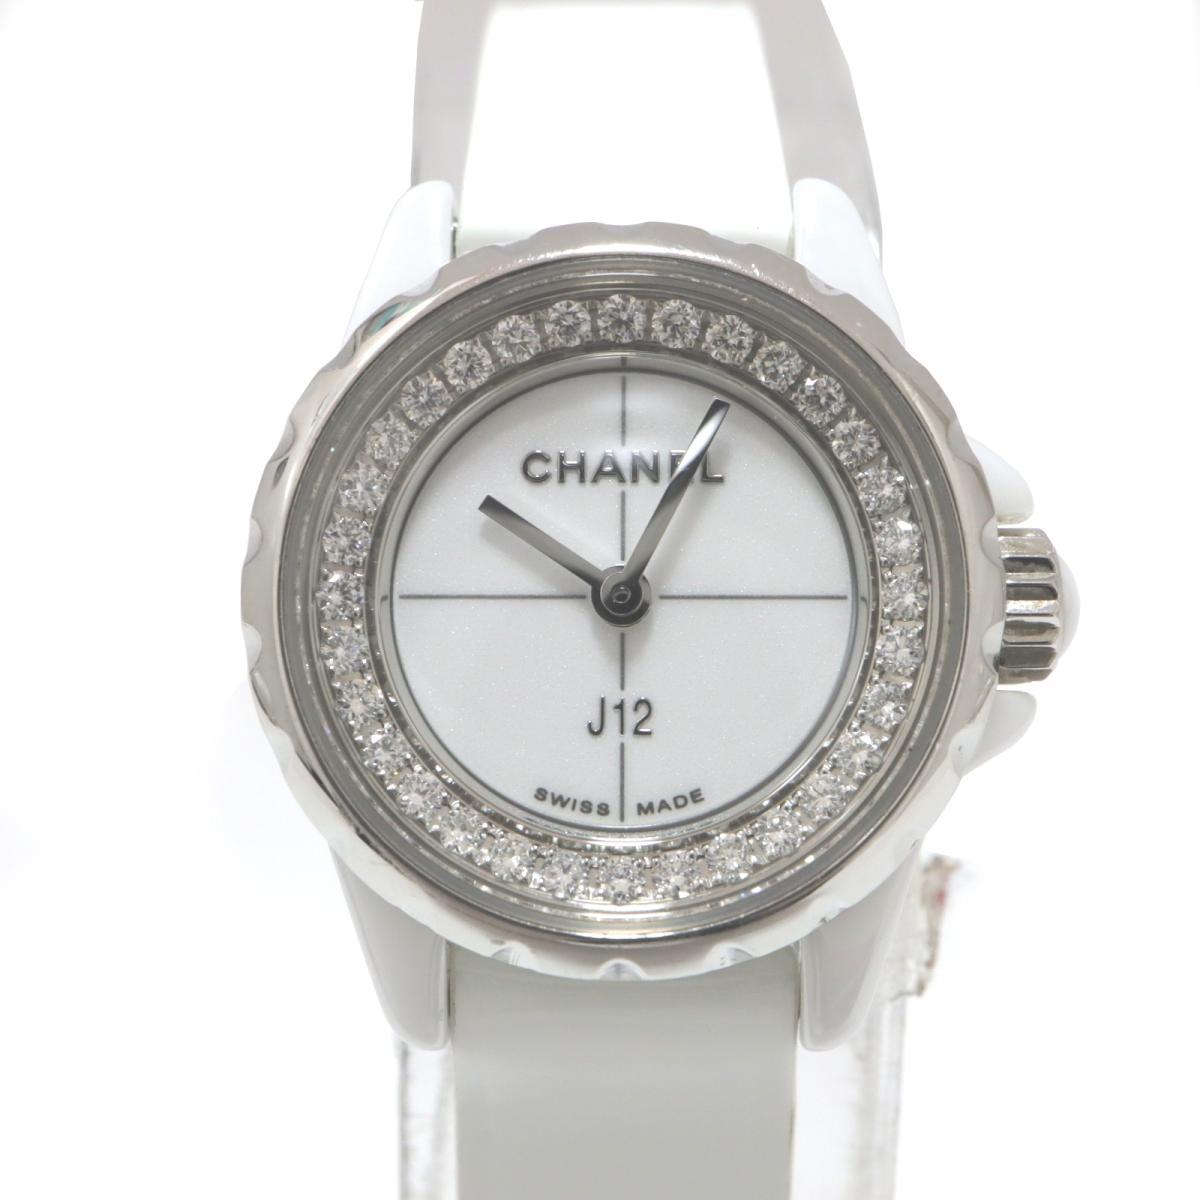 激安単価で 【】 シャネル J12 S サークルダイヤ 腕時計 レディース ステンレススチール (SS) セラミック ダイヤモンド レザー ホワイト (H4664)   CHANEL BRANDOFF ブランドオフ ブランド ブランド時計 ブランド腕時計 時計 ウォッチ, リビングート a68c1f2e